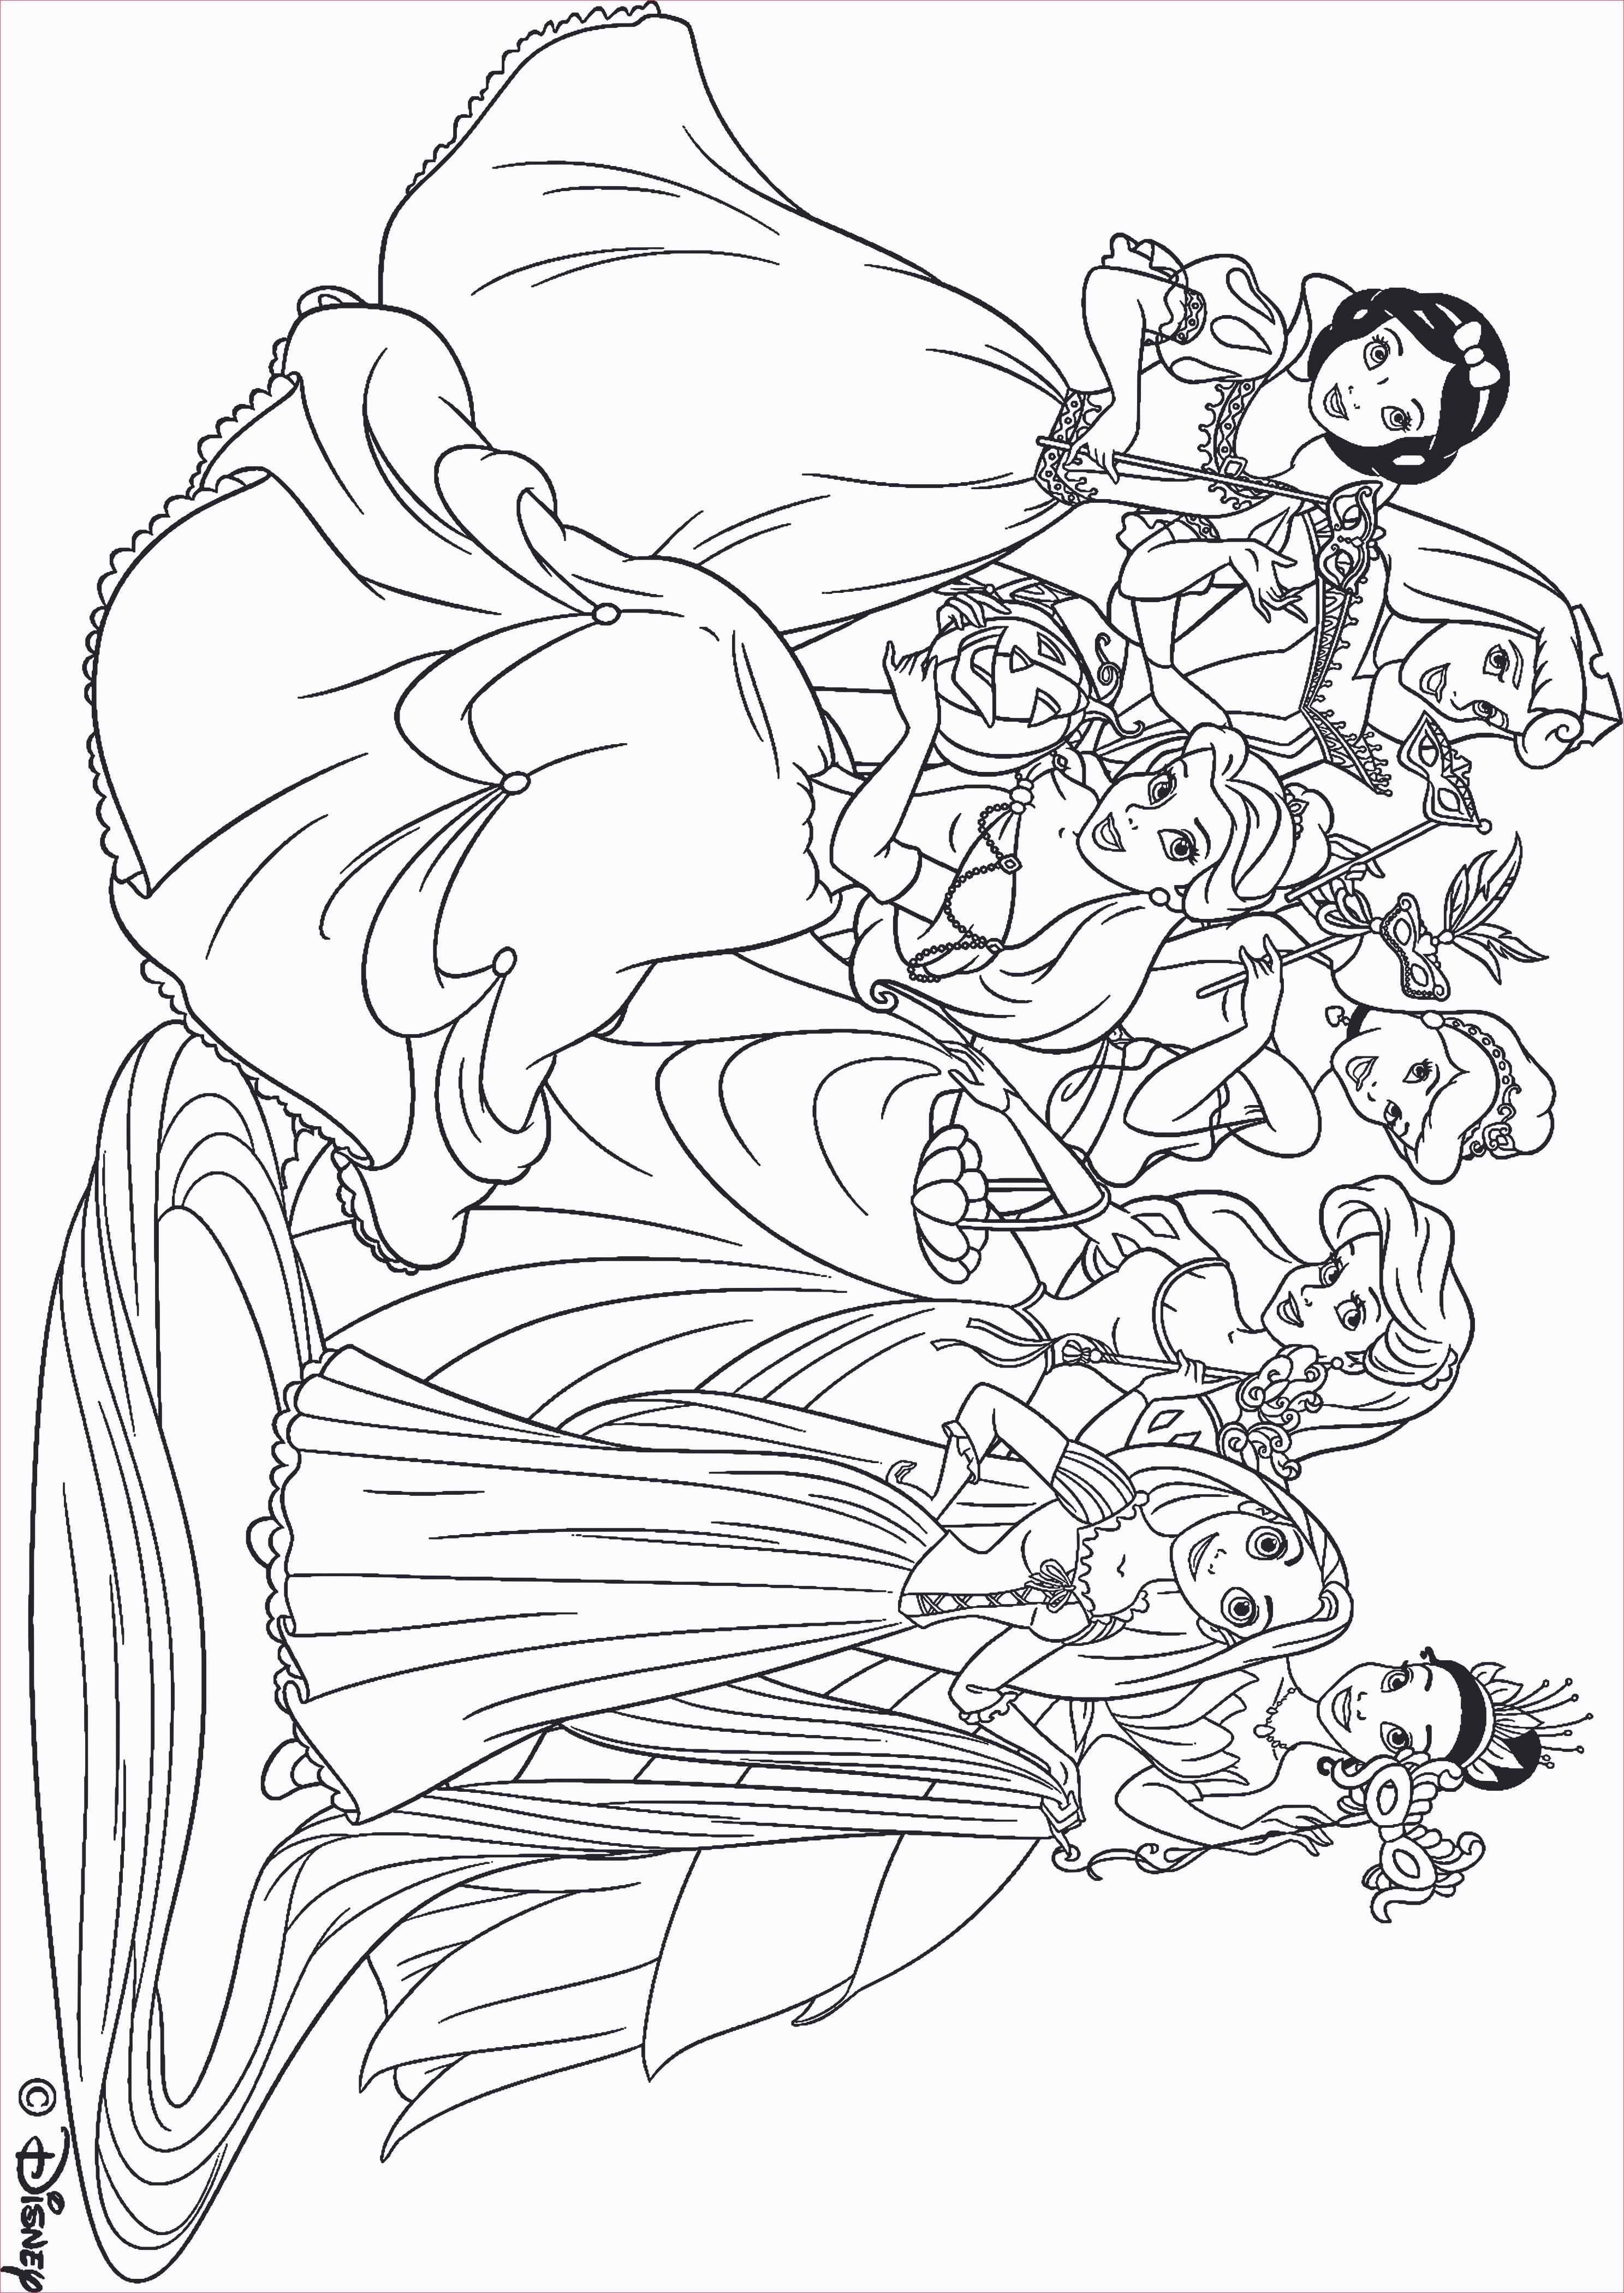 Malvorlagen Monster High Inspirierend St Martin Ausmalbilder Neueste Fotos 35 Ausmalbilder Monster Ffdn Das Bild